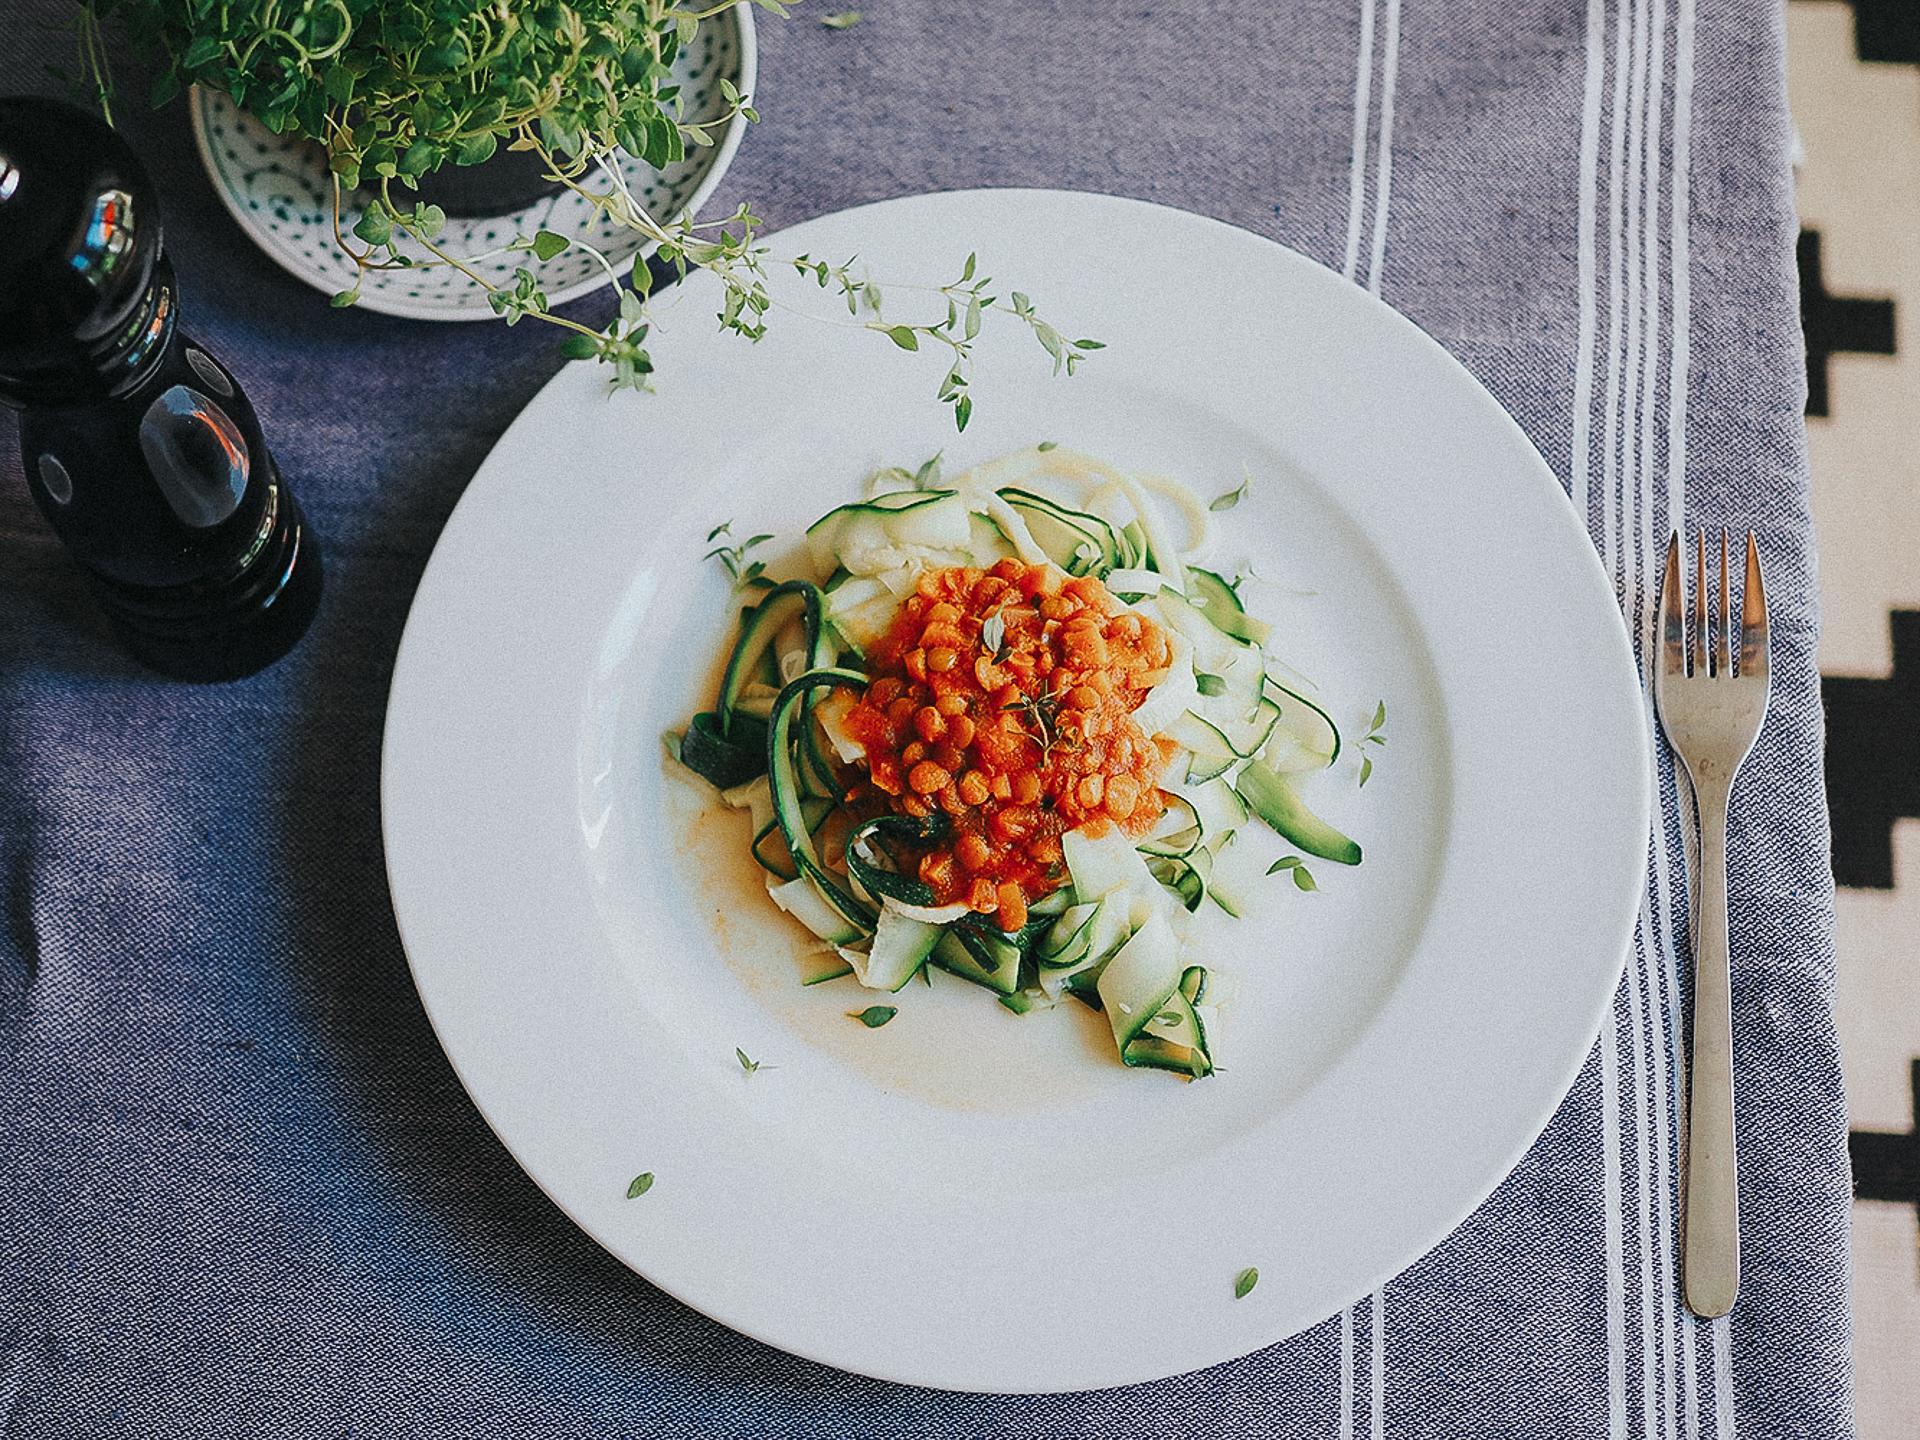 Bolognese aus Linsen und Nudeln aus Zucchini. - Fotocredit: Mira Nograsek